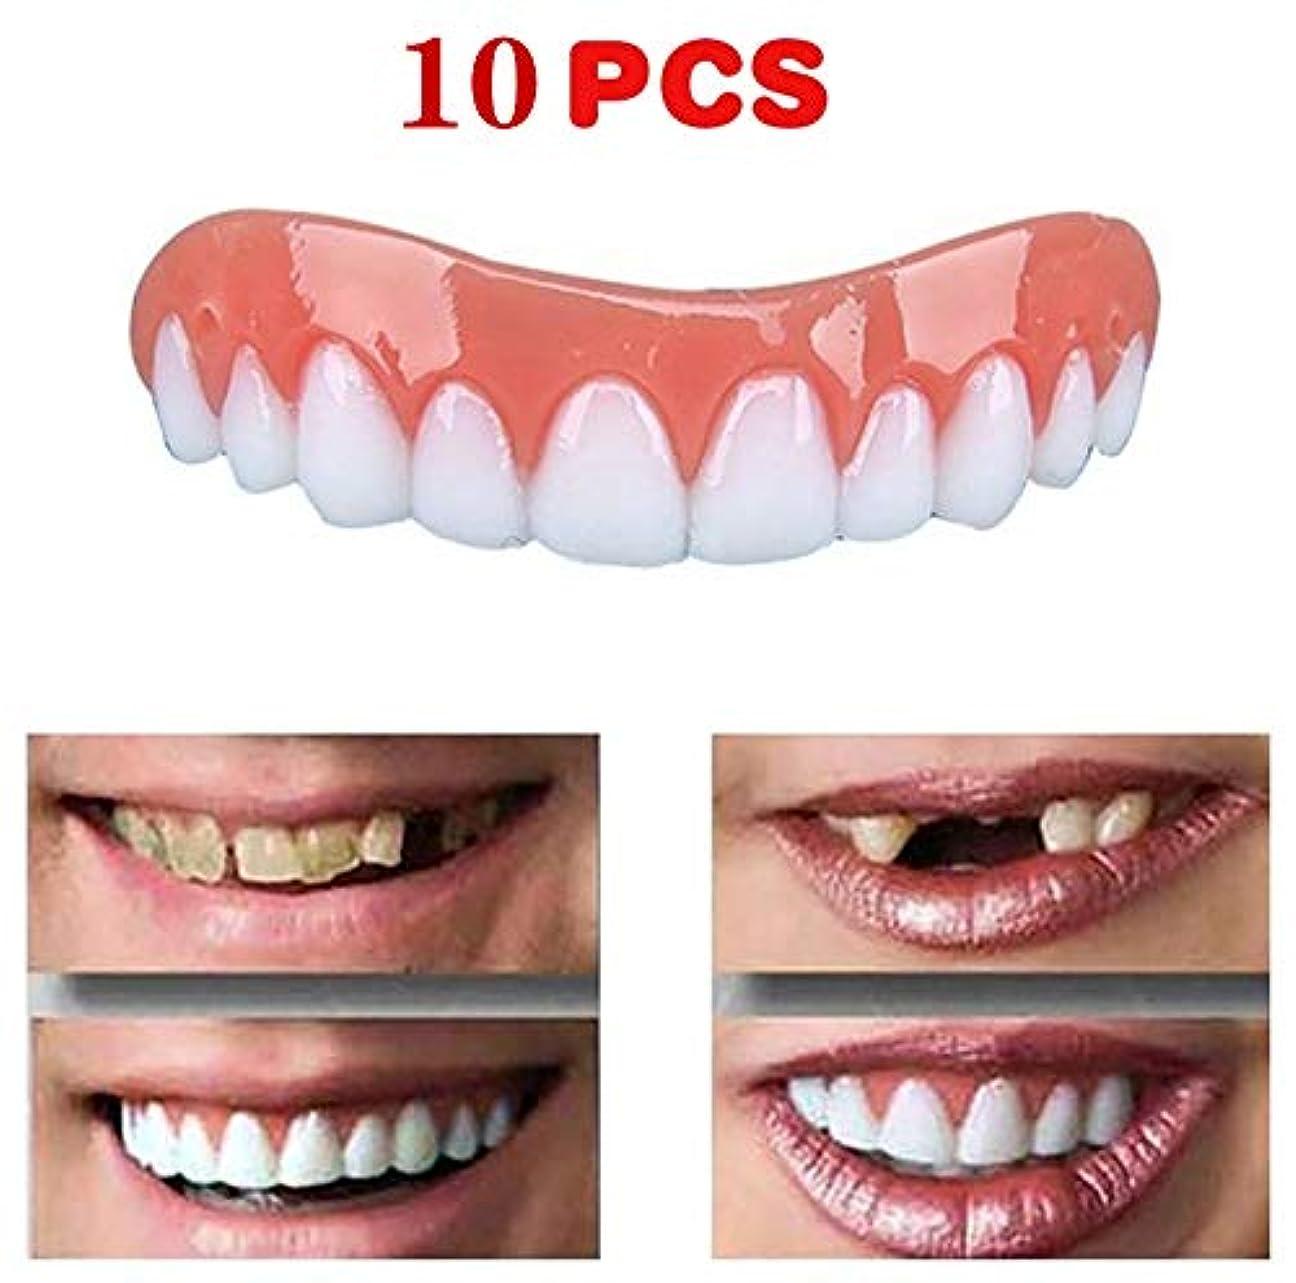 ジャーナリストどこにでも結果10ピース新しい再利用可能な大人のスナップオンパーフェクトスマイルホワイトニング義歯フィットフレックス化粧品歯快適な突き板カバーデンタルケアアクセサリー